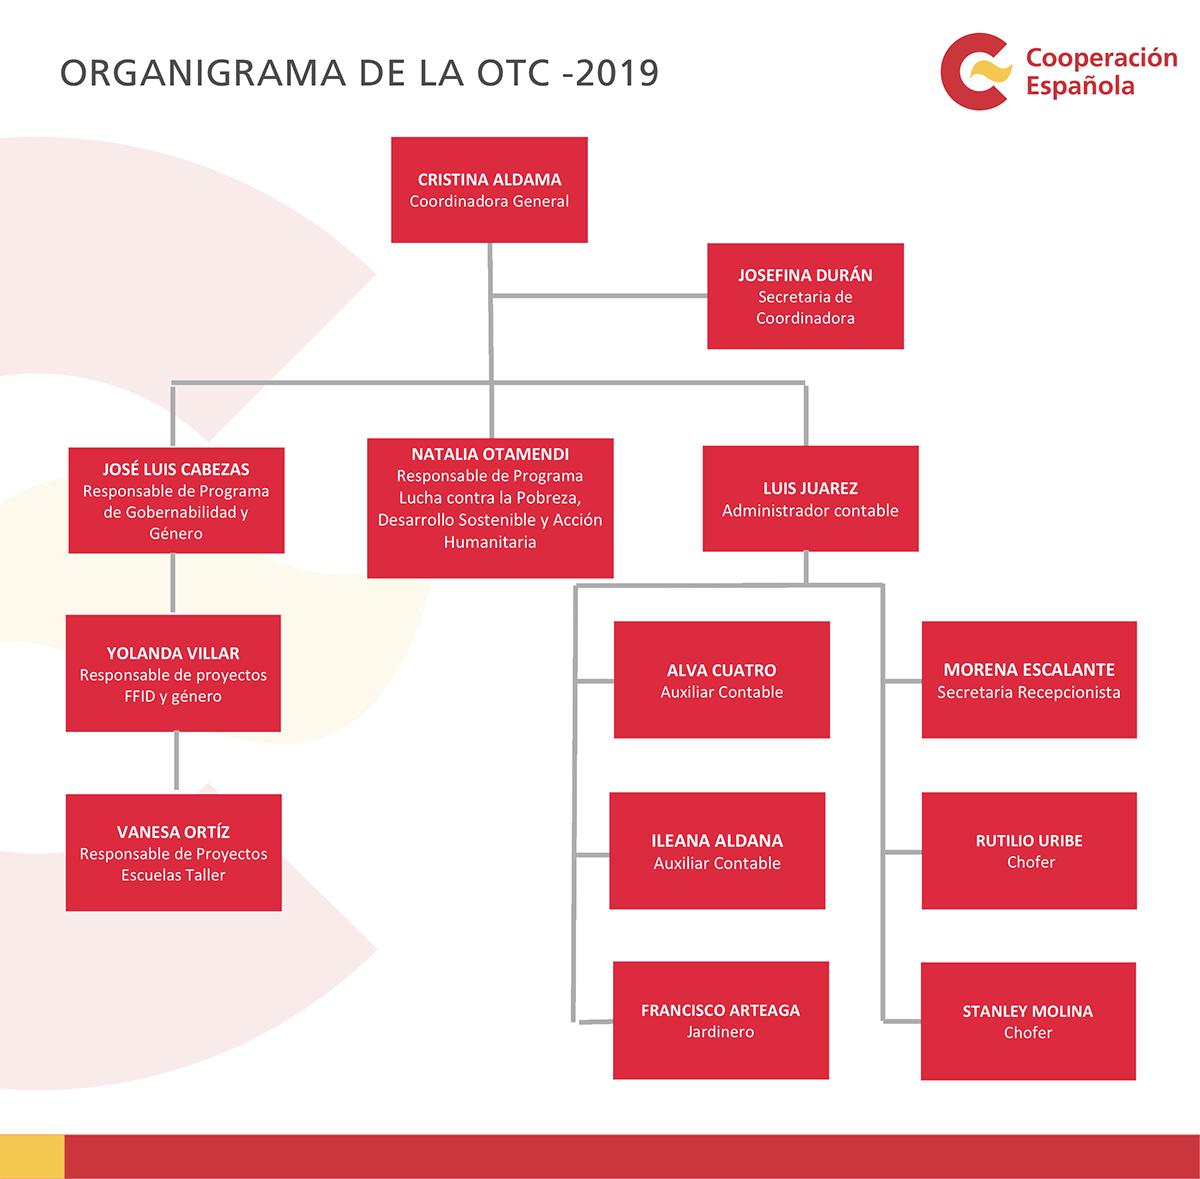 OrganigramaOTC_2019